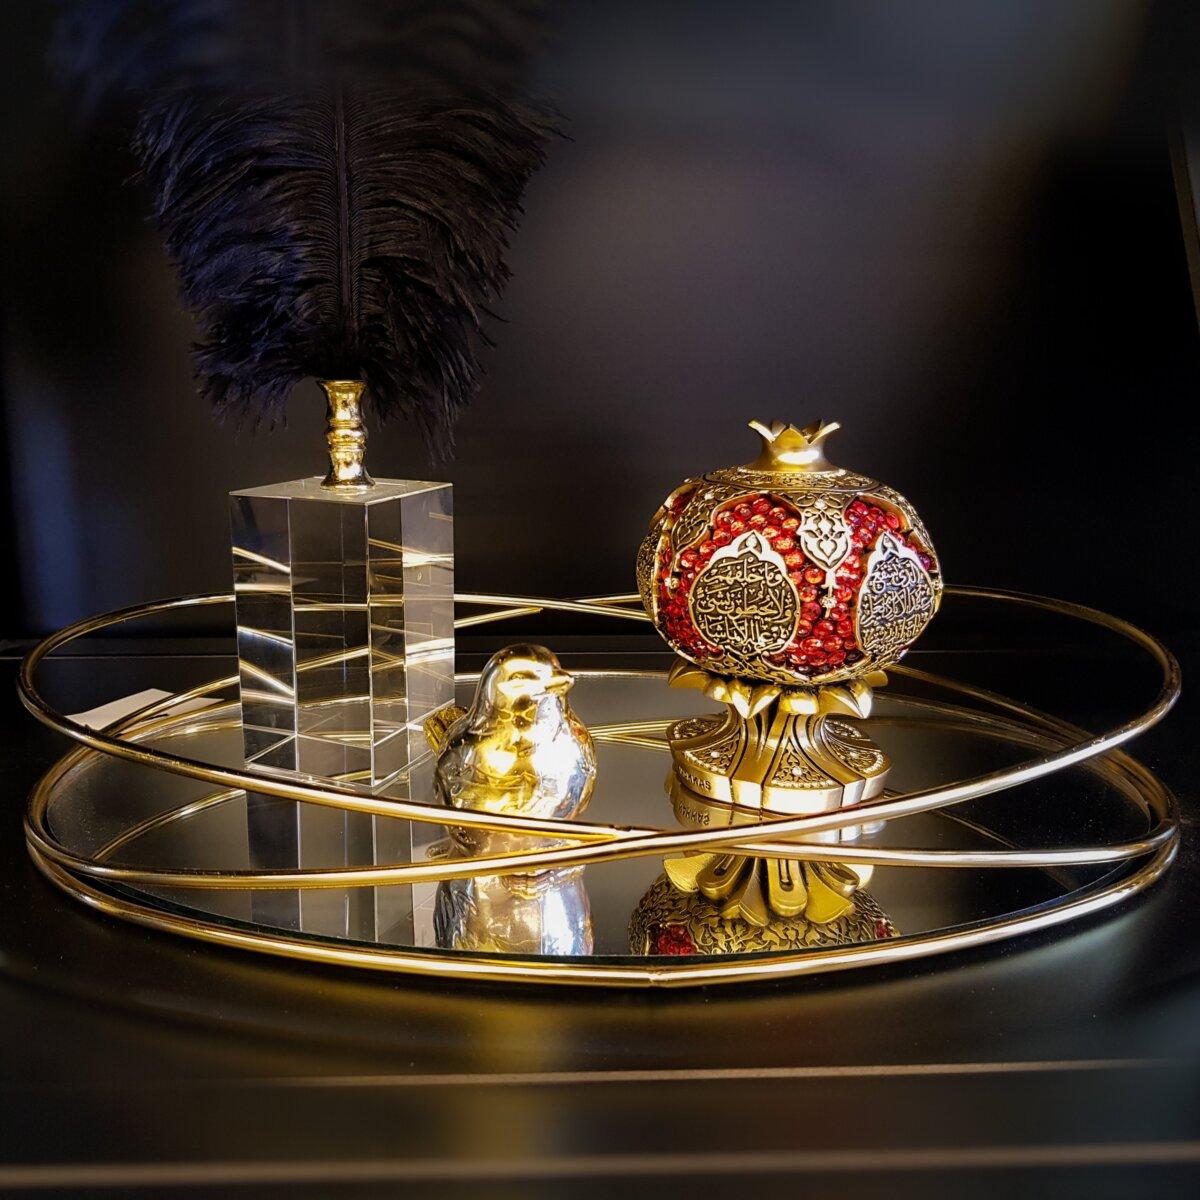 Dekoratif Alyans Aynalı Metal Sunum Tepsi Dekoratif Ürünler